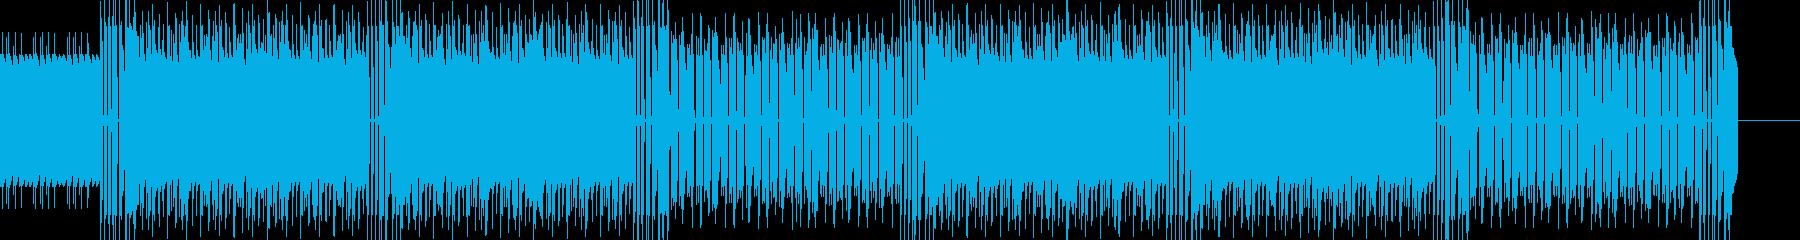 ベースとドラムを中心とした疾走感がある…の再生済みの波形